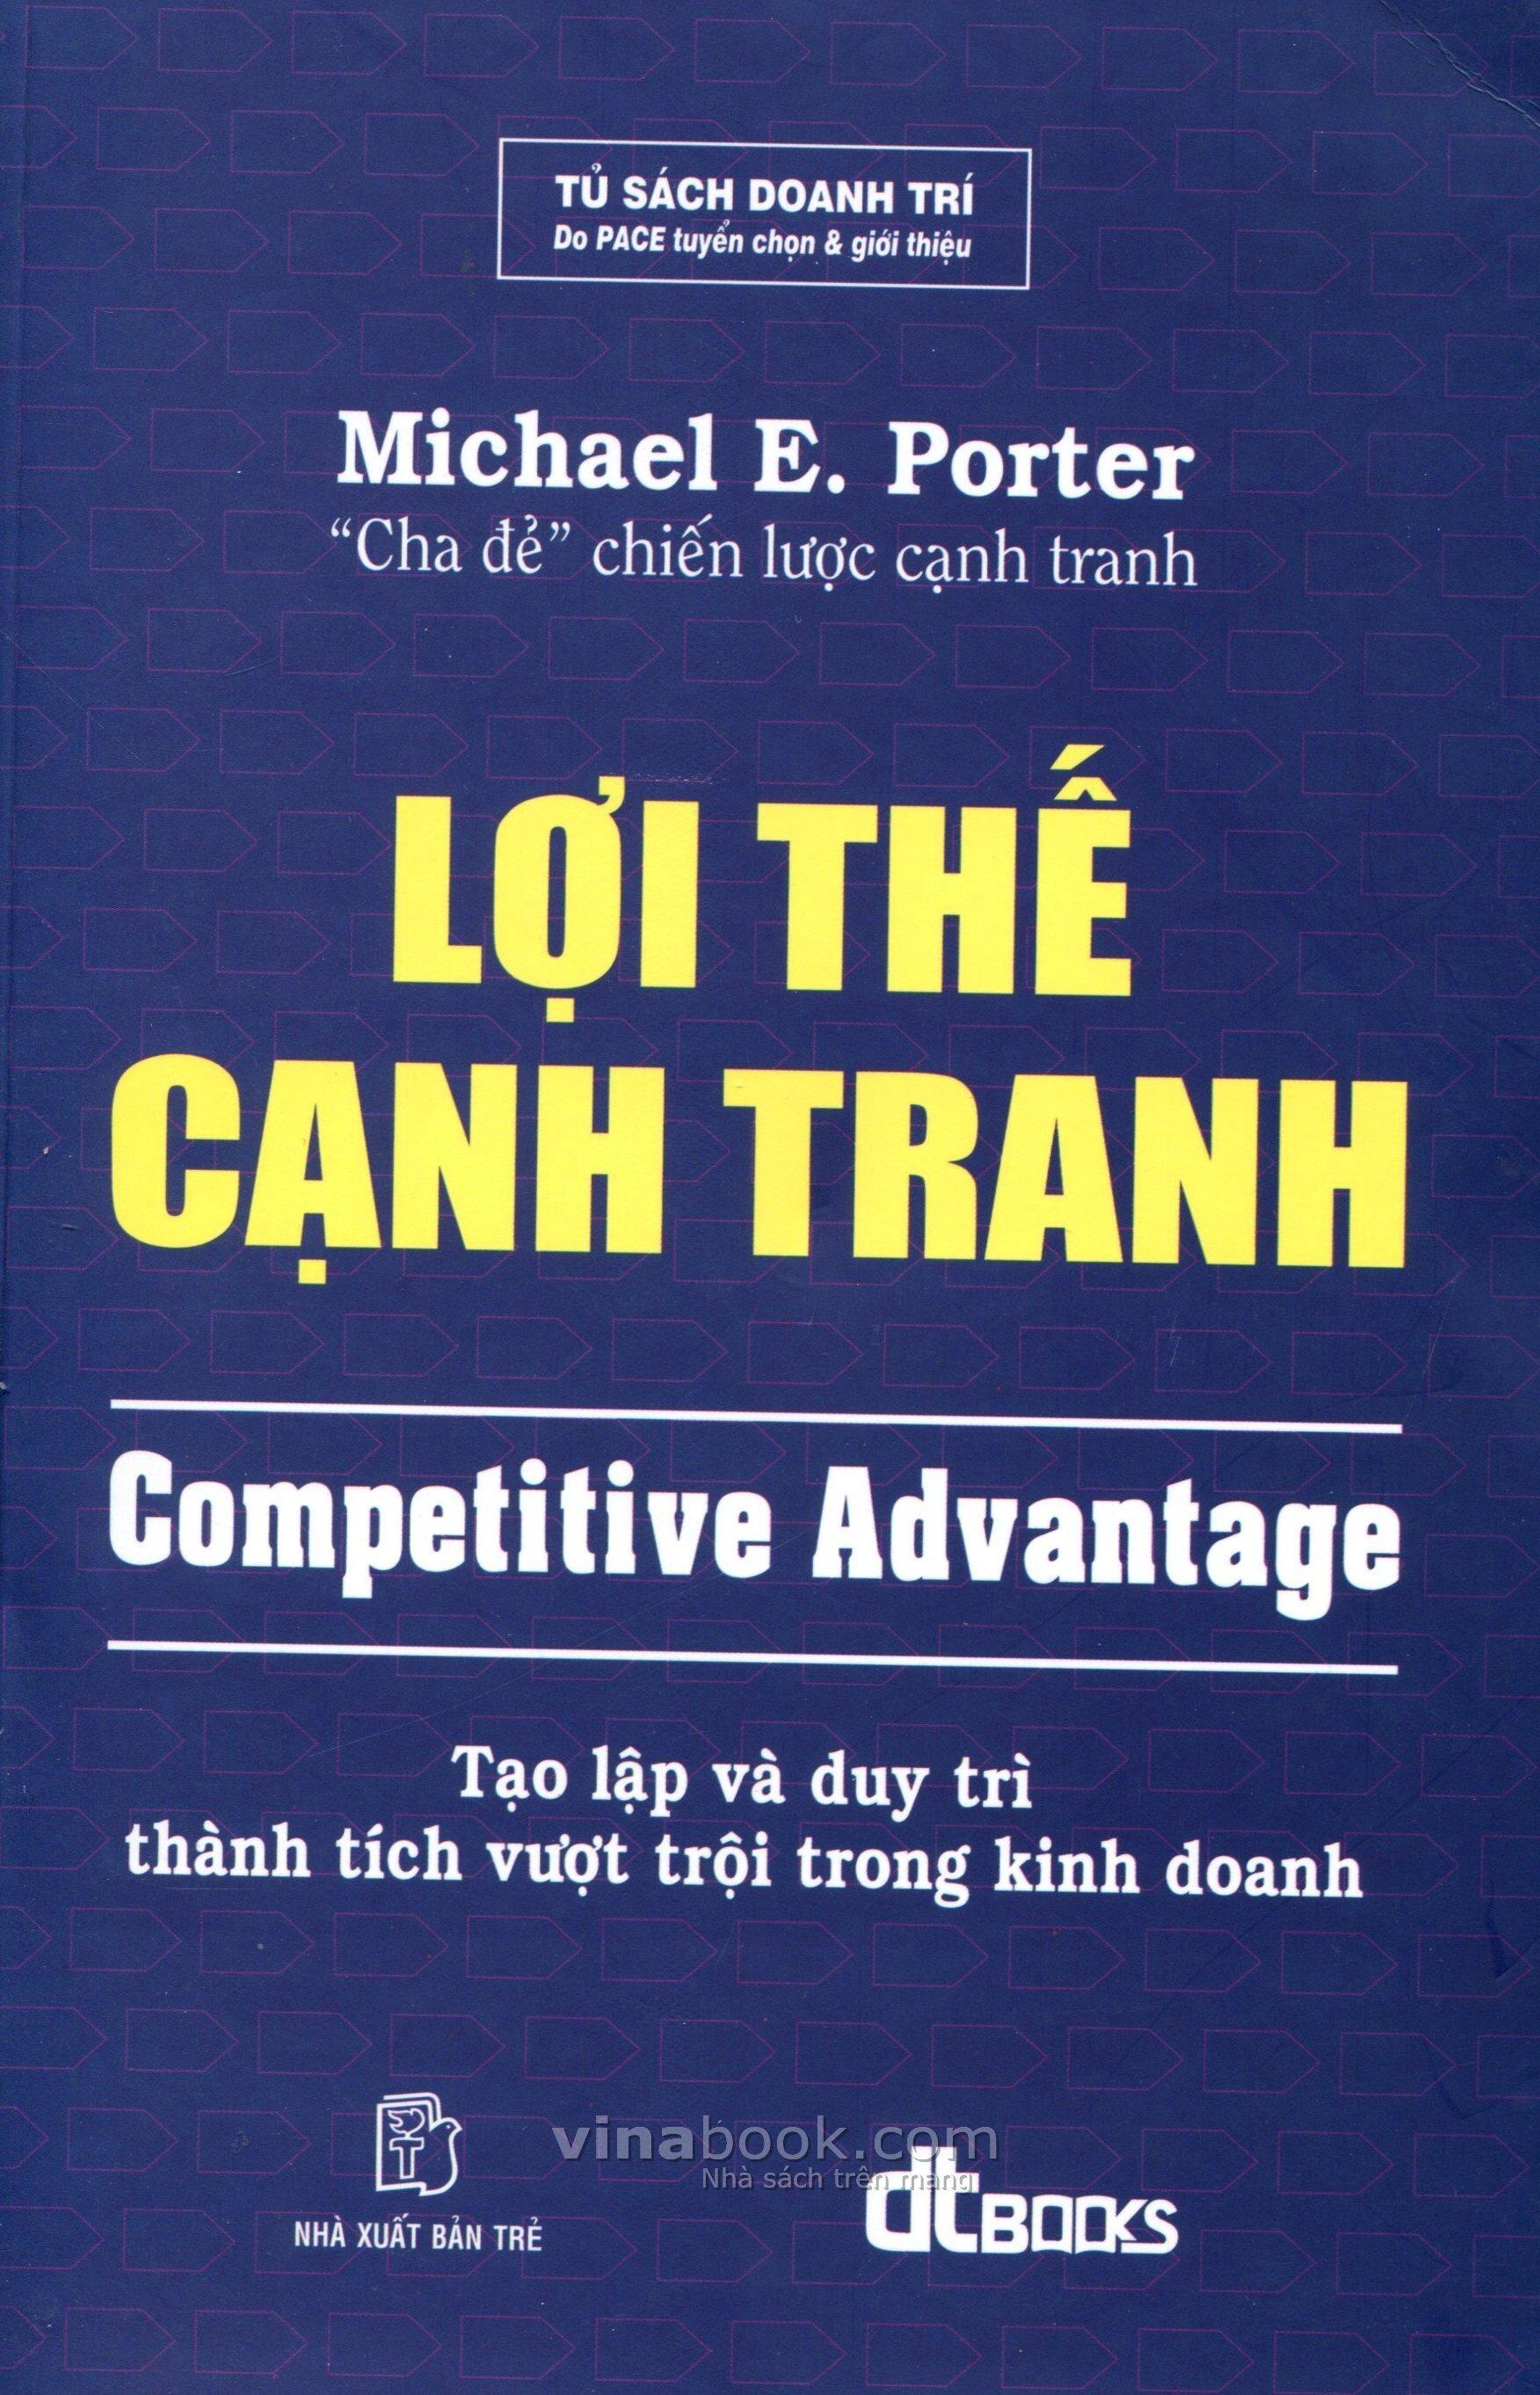 Lợi thế cạnh tranh - Tạo lập và duy trì thành tích vượt trội trong kinh doanh